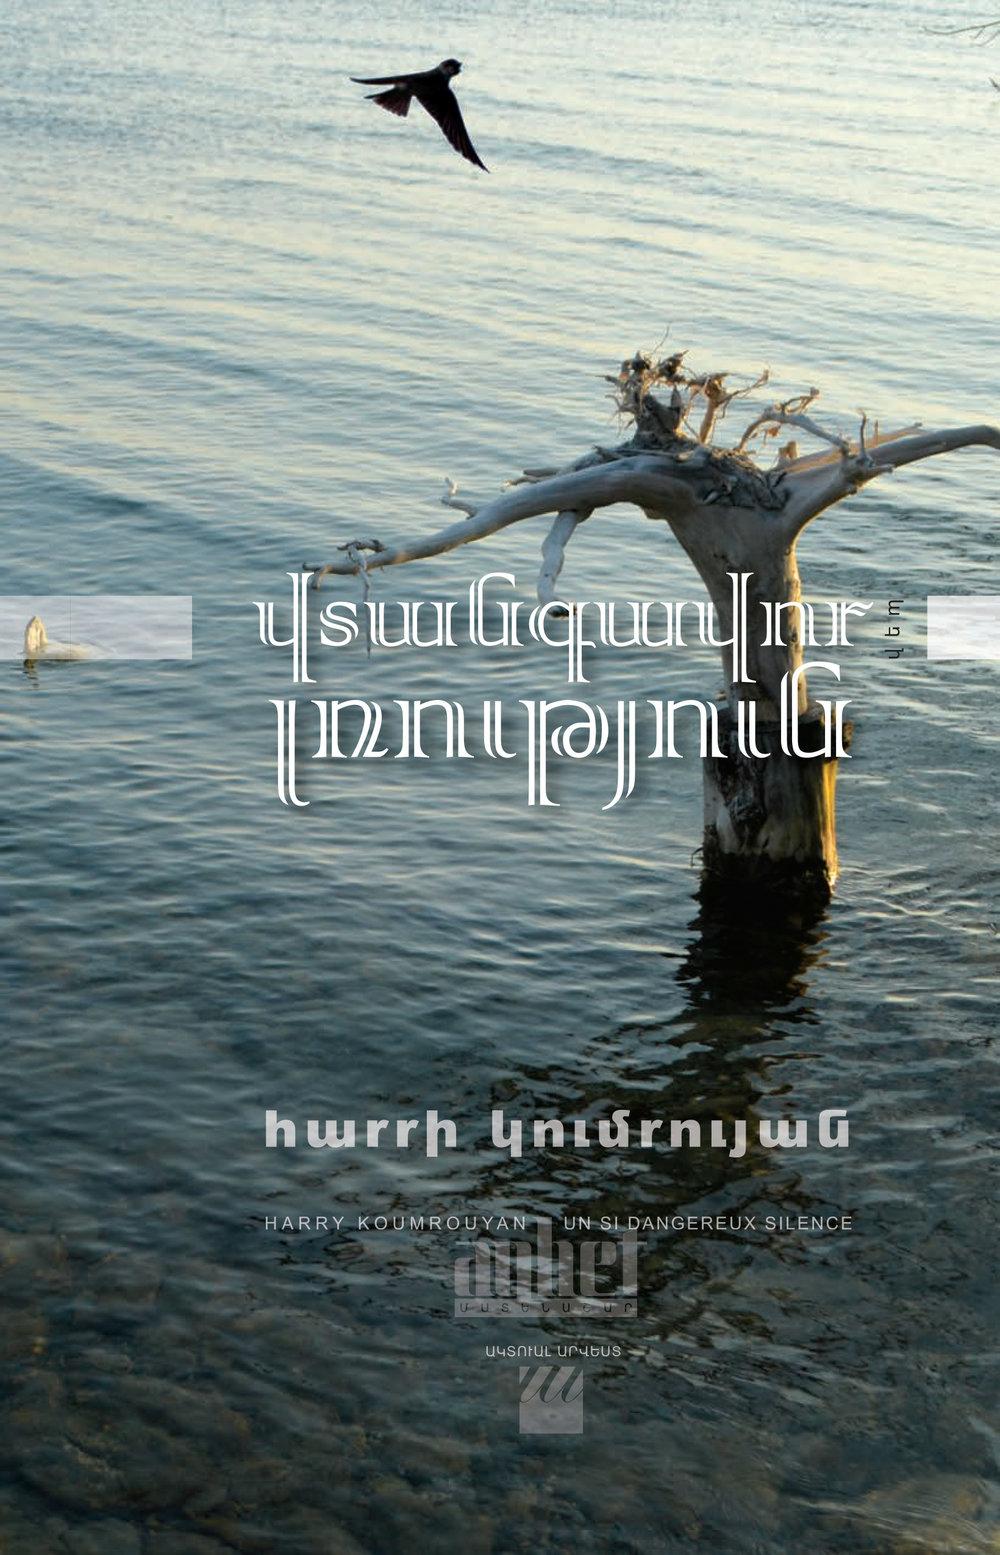 koumrouyan-couverture-armenien.jpg